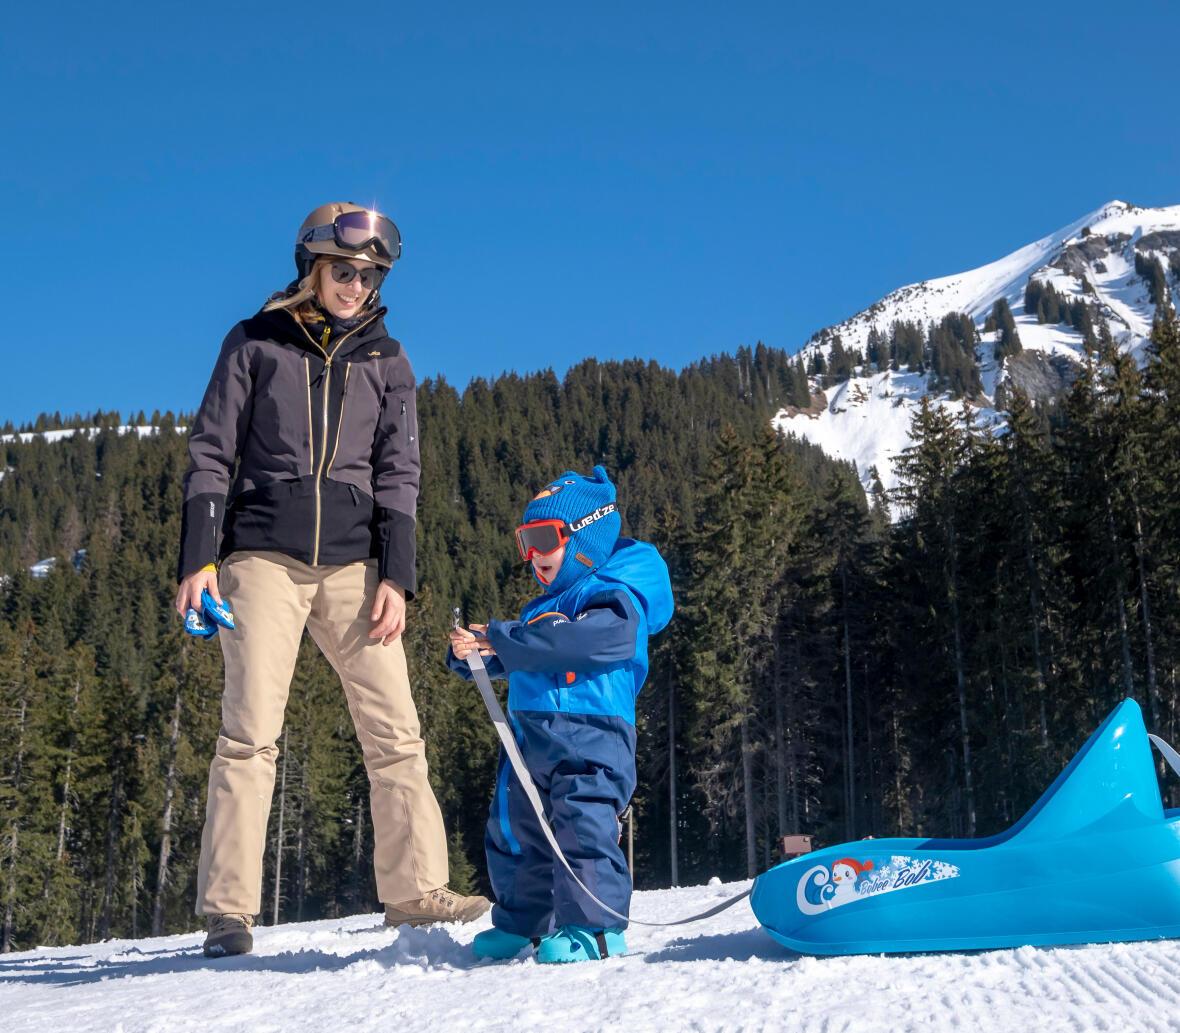 Comment j'habille mon bébé pour les sports d'hiver et la luge